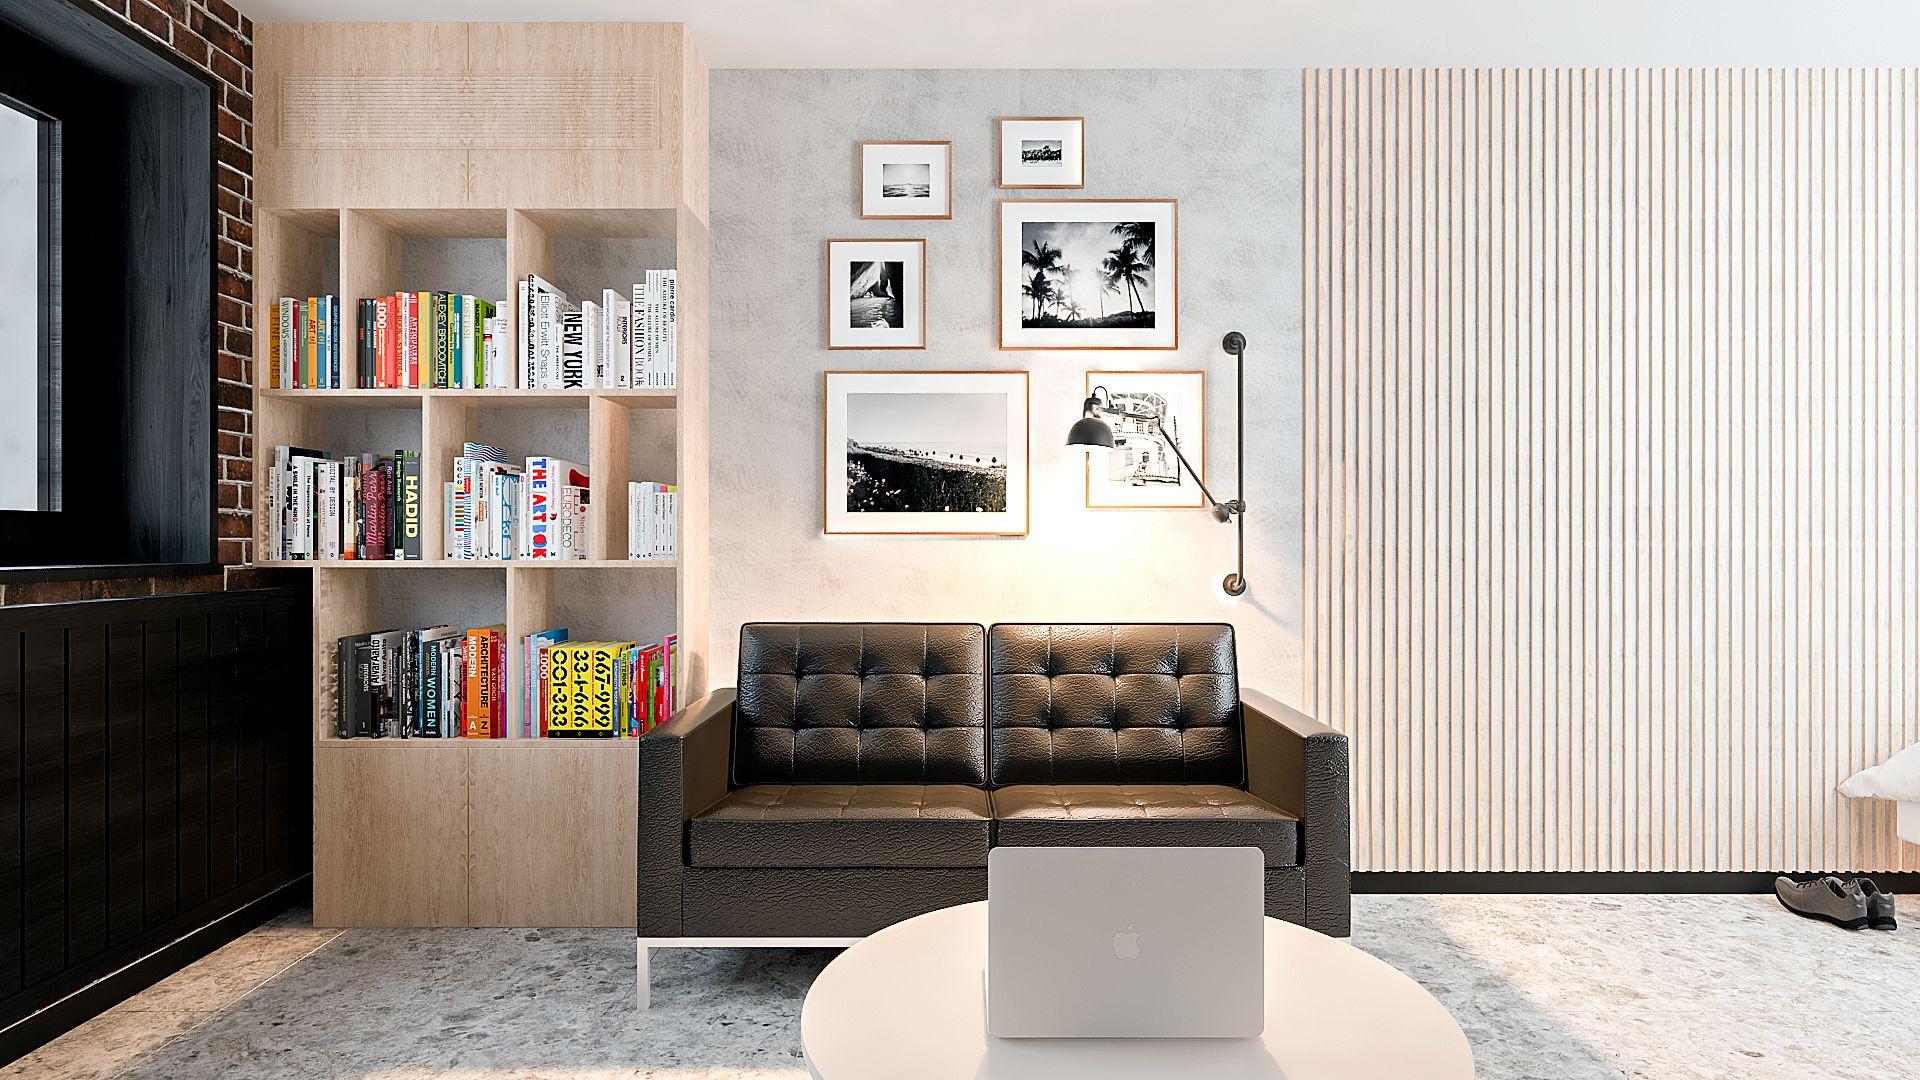 Дизайн однокомнатной квартиры в Гомеле, Гостиная - спальня в стиле лофт в квартире изображение 7, вид на диван панно из картин с светильник на кронштейне